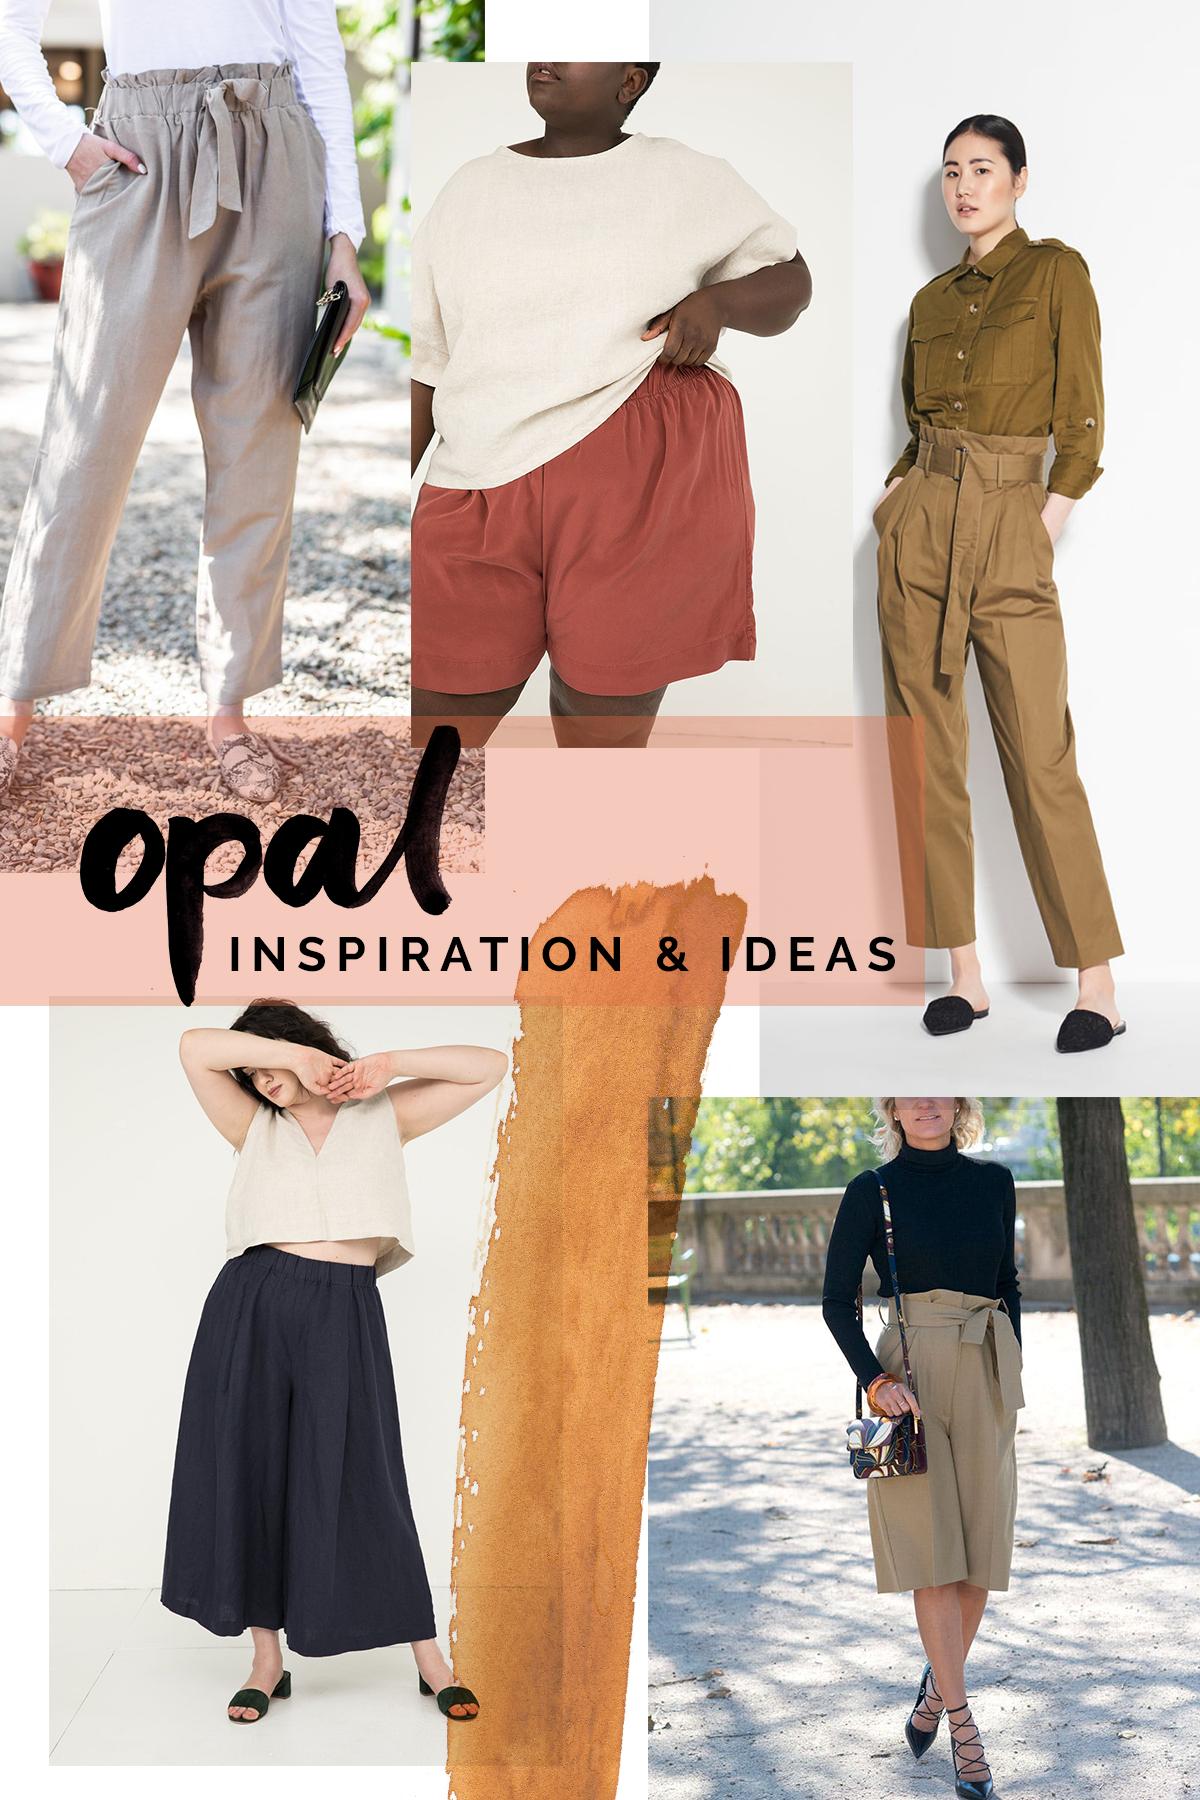 Opal Inspiration & Ideas